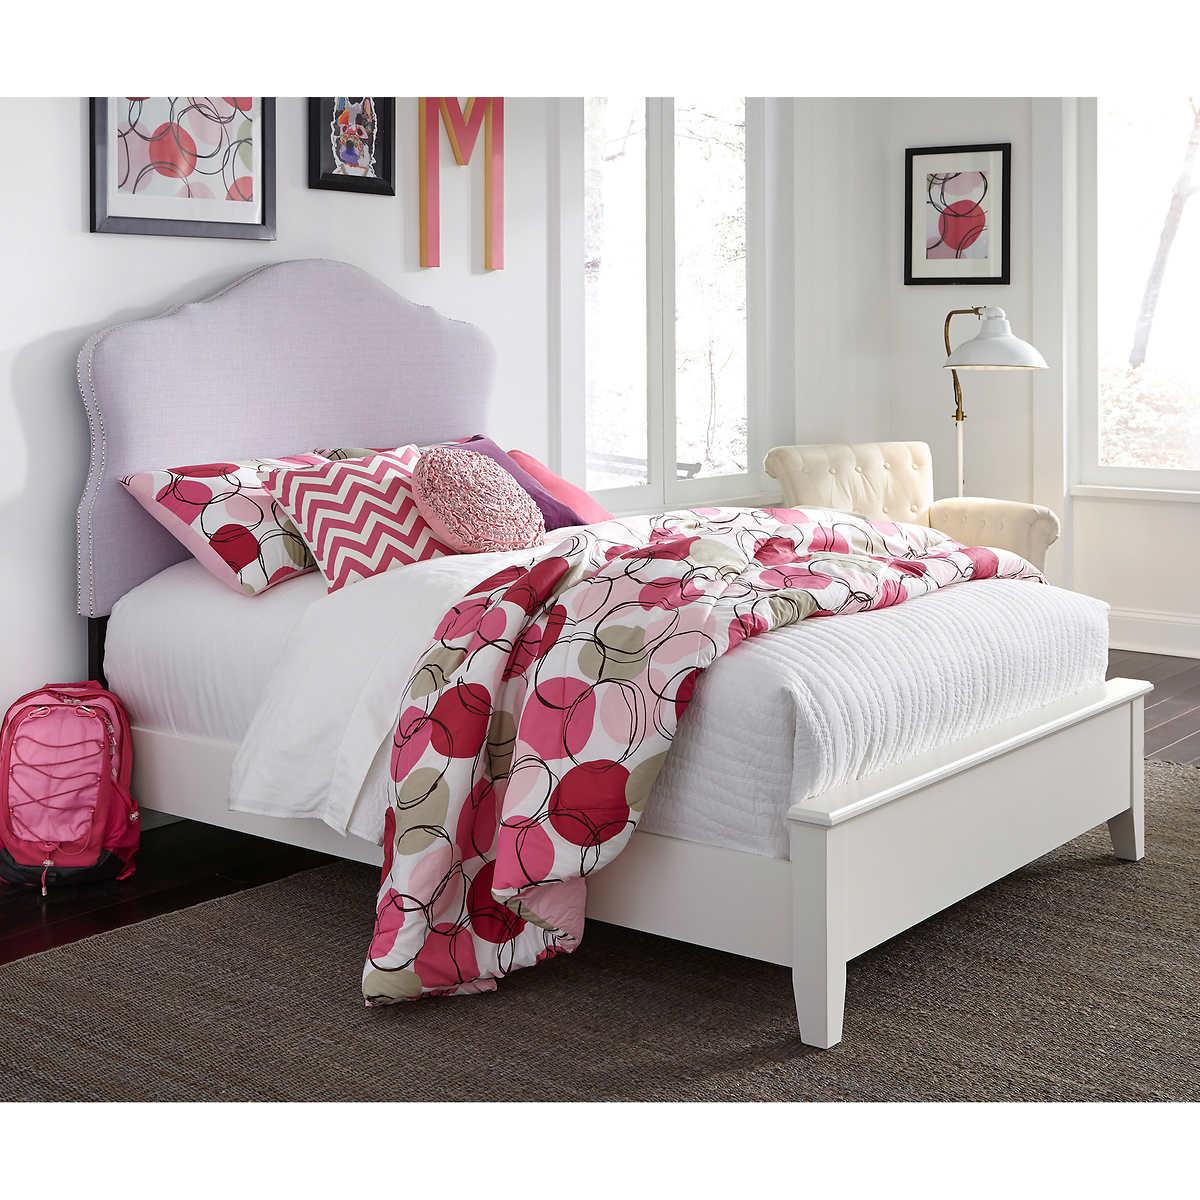 Savannah Bedroom Furniture Savannah